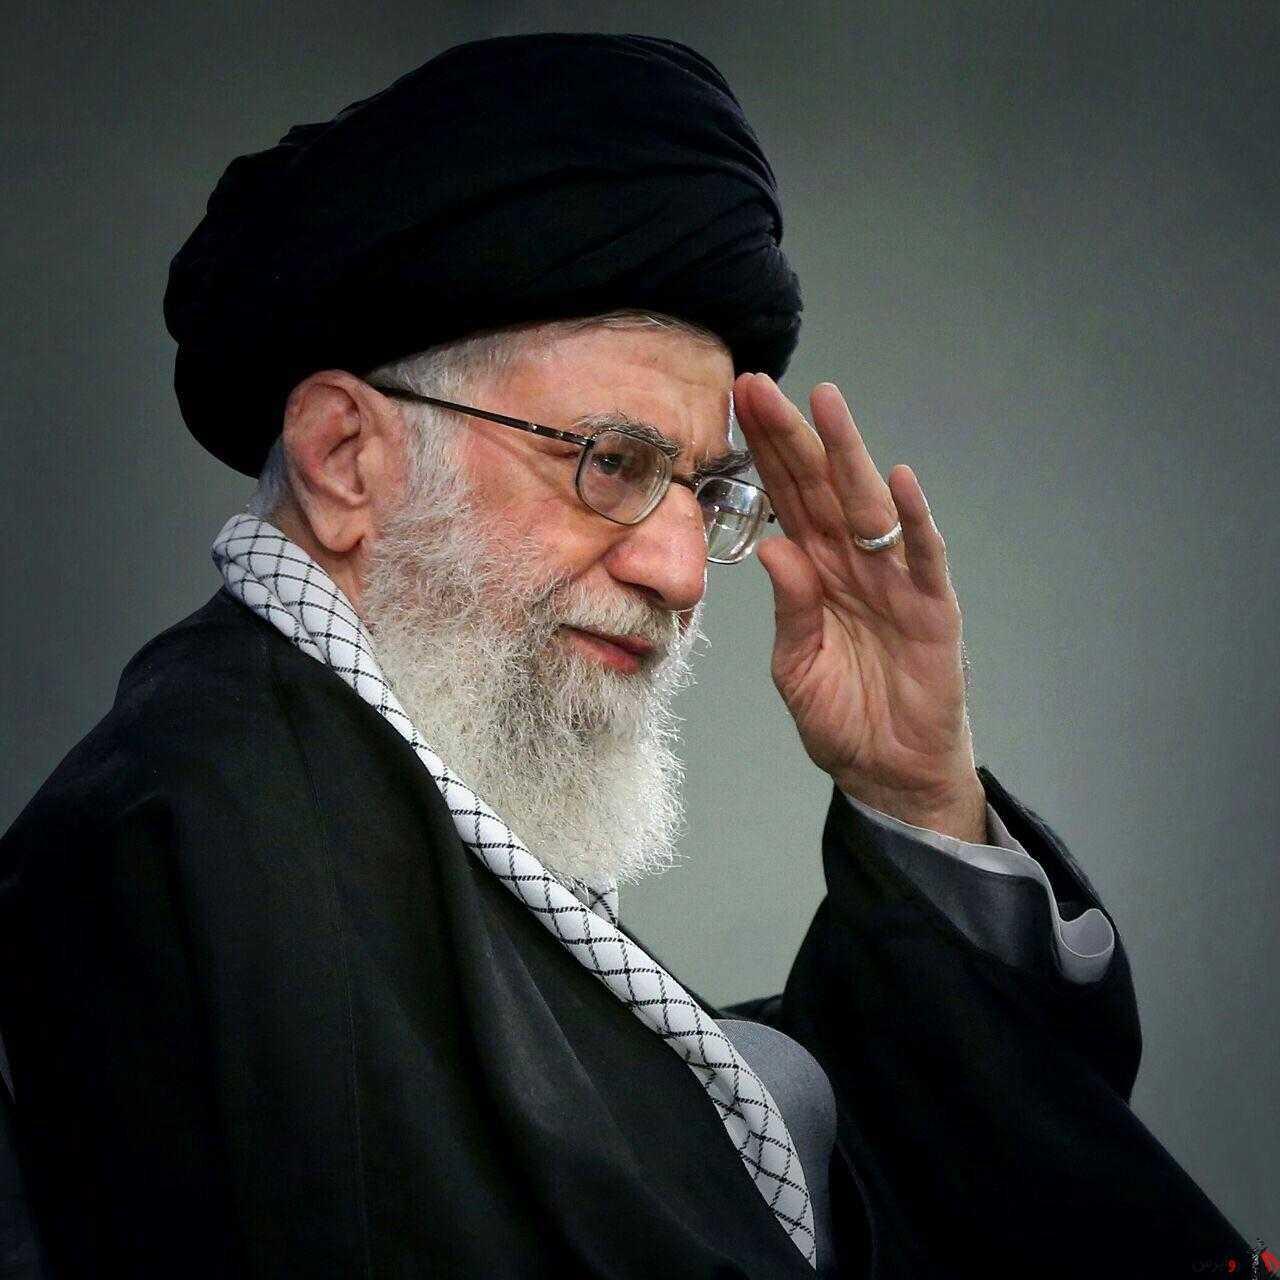 رهبر انقلاب: توطئه بسیار خطرناکی توسط مردم نابود شد/ تعظیم عمیق خودم را تقدیم ملت میکنم